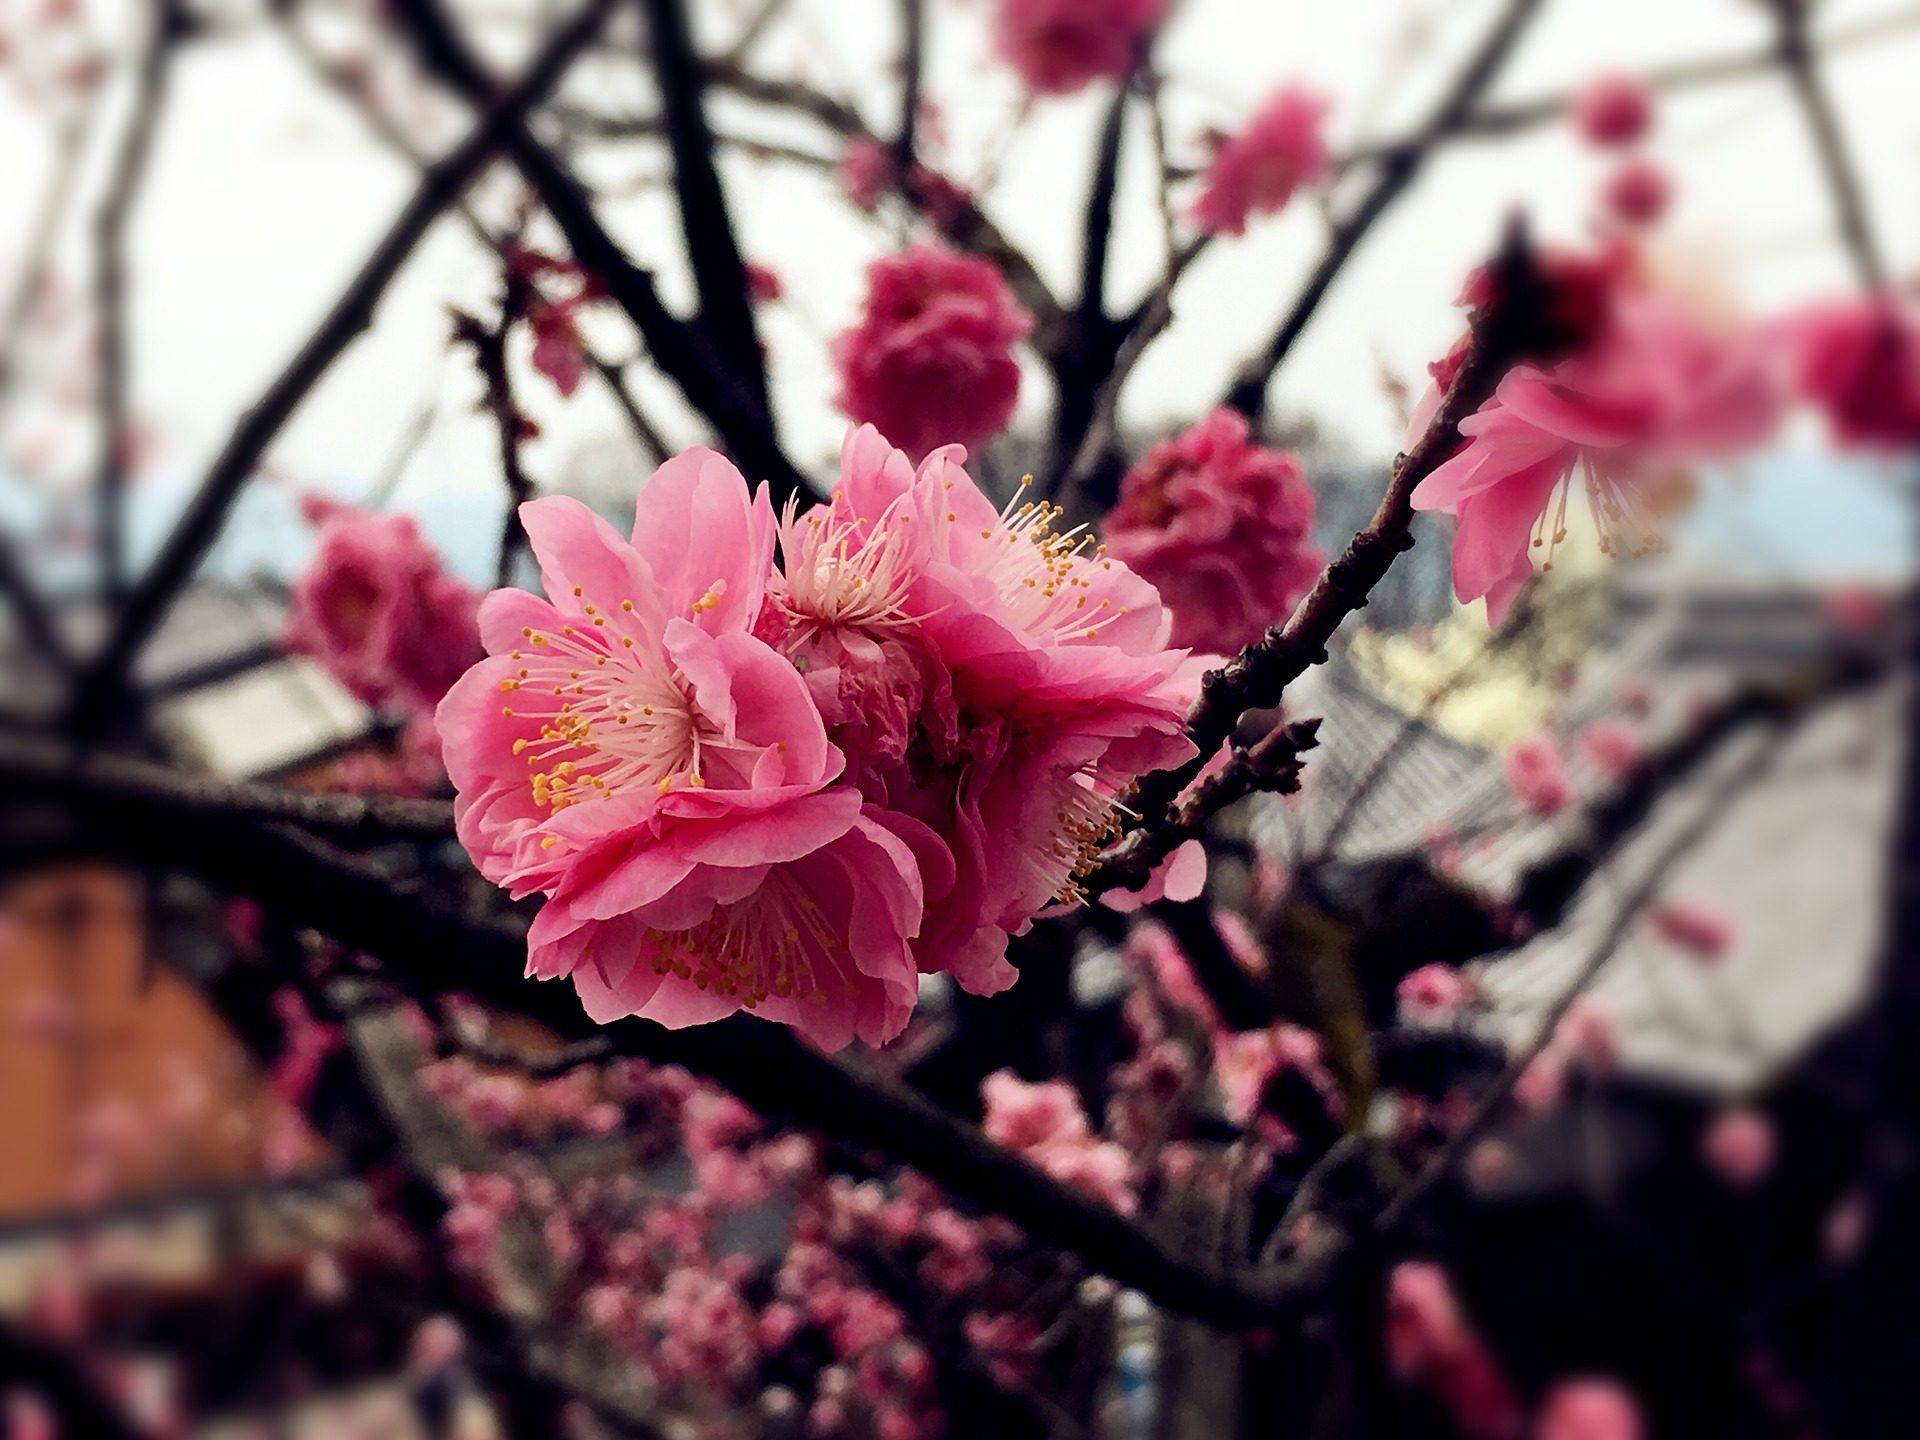 Samsung Galaxy Wallpaper Hd Fondo De Pantalla De Flor Rama 193 Rbol Cerezo Sakura